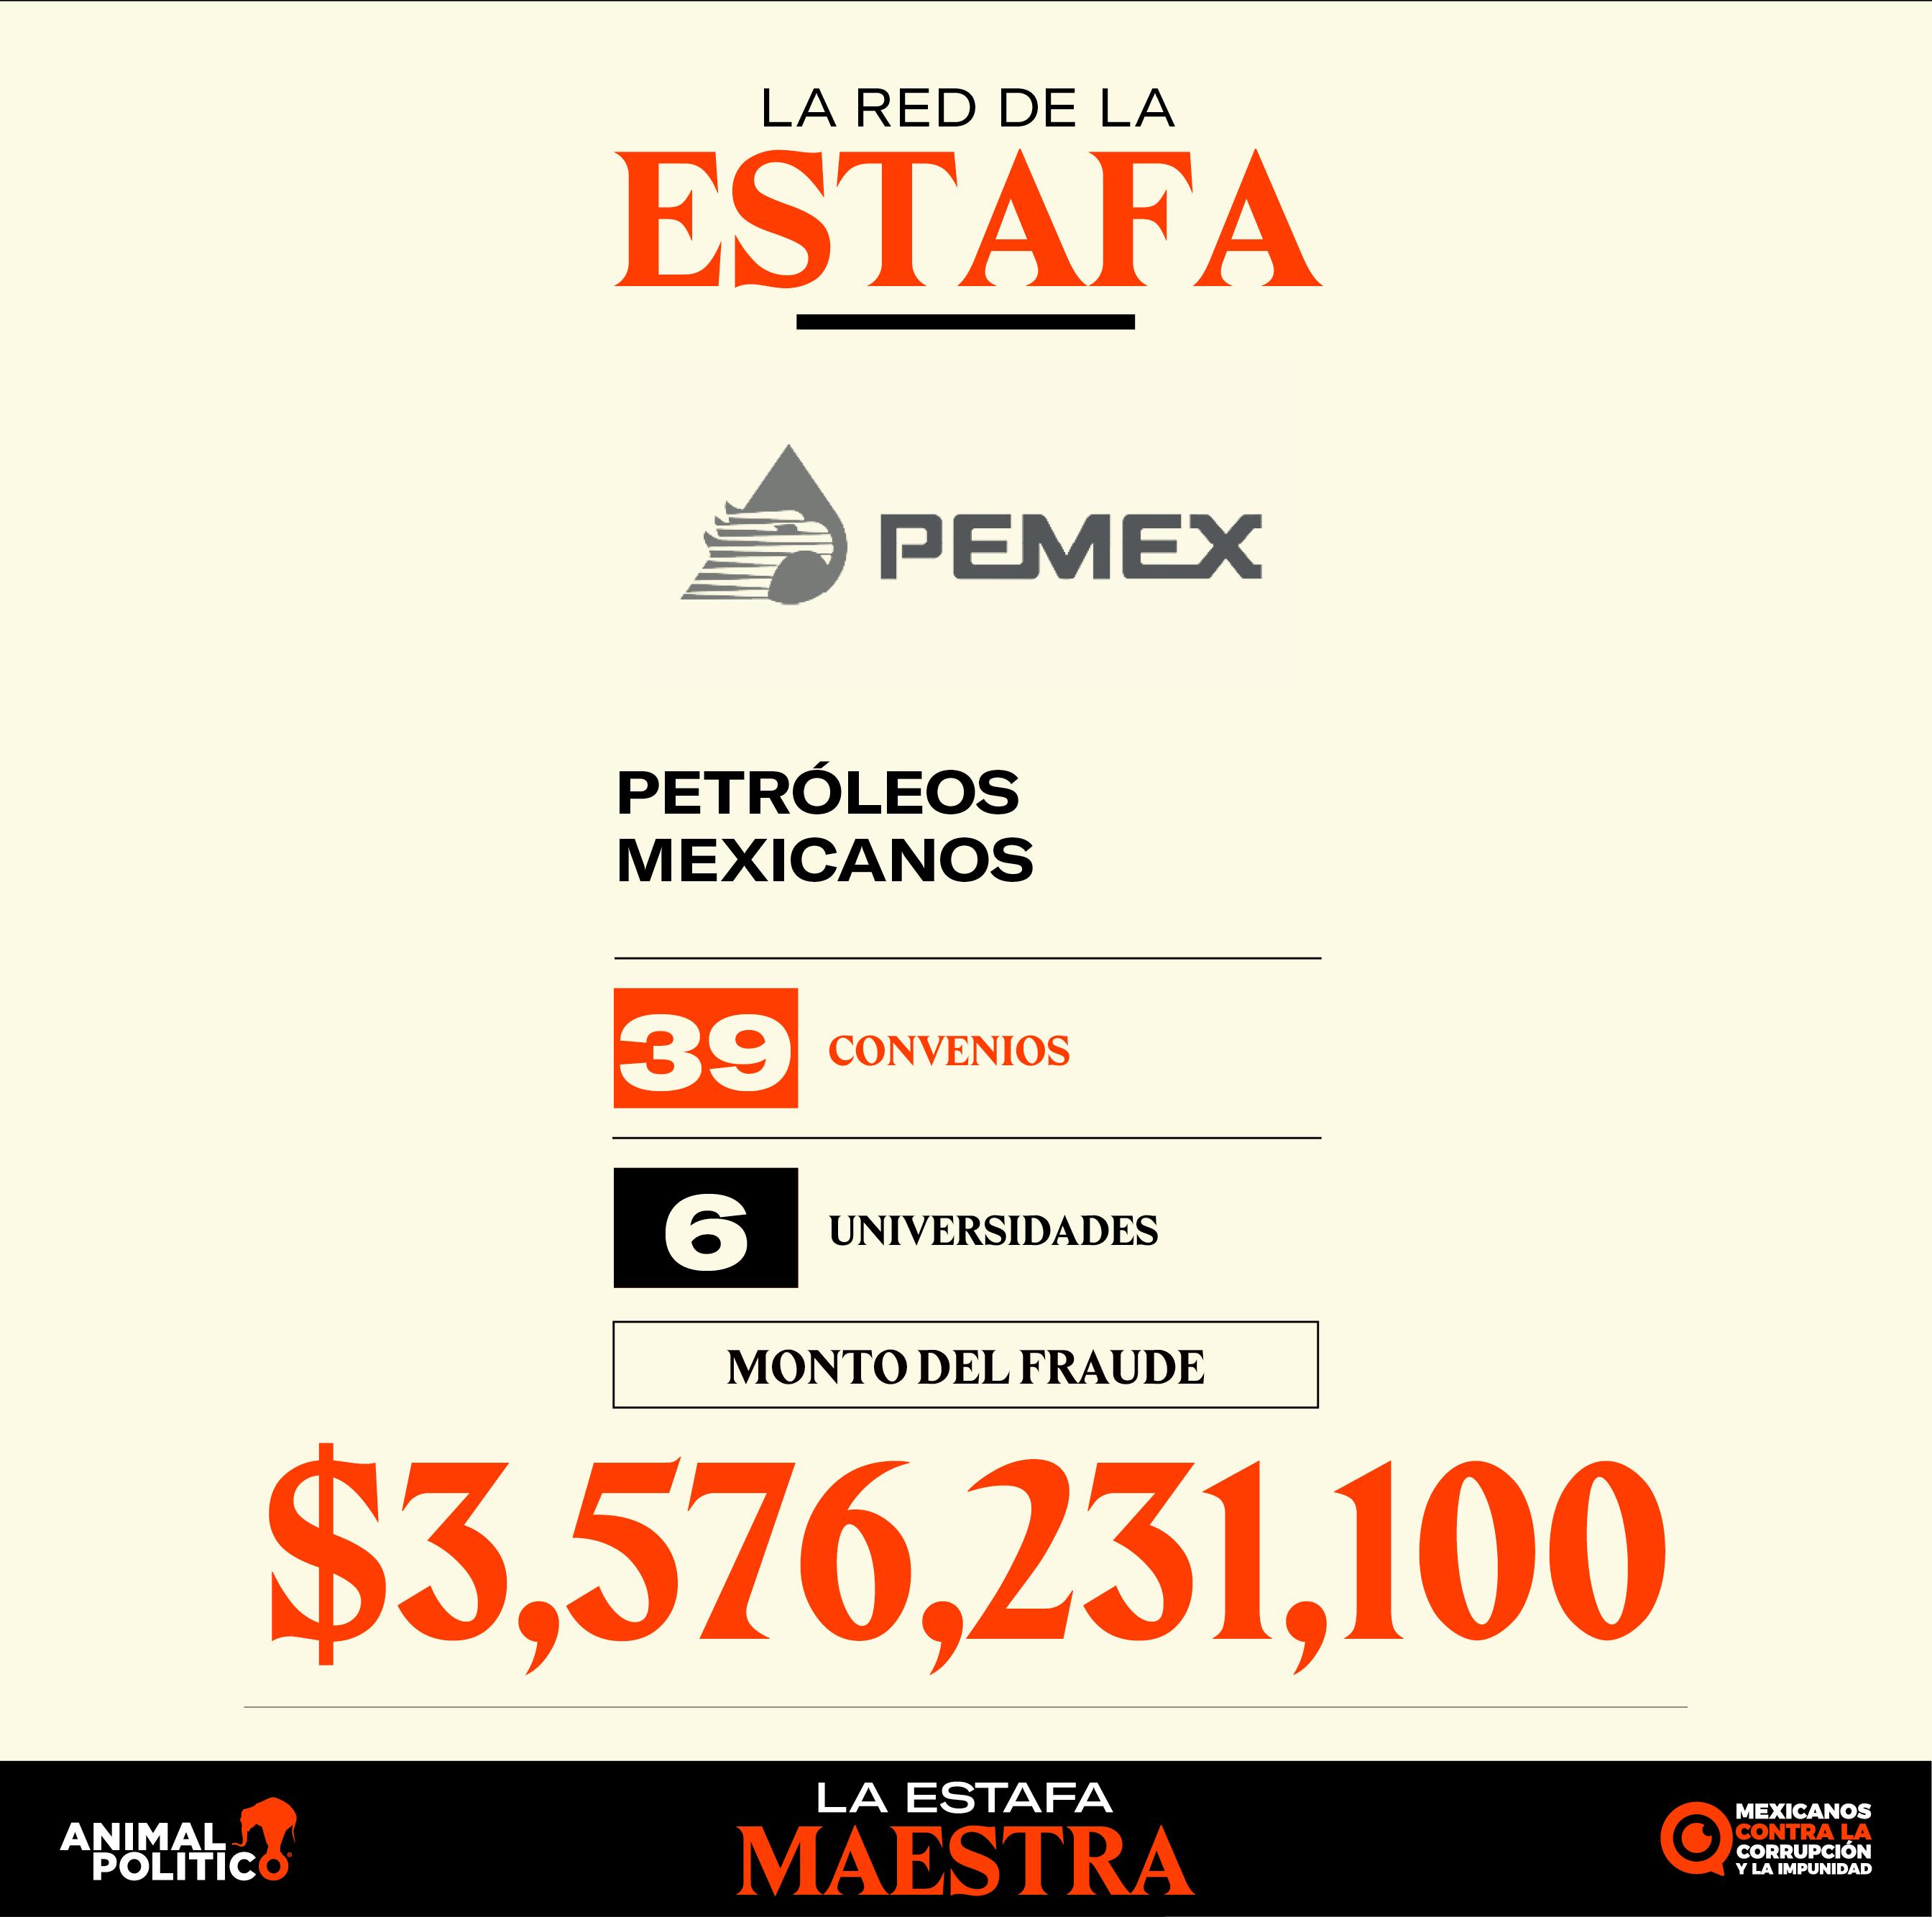 'Desaparece' Pemex más de $3 mil millones en 3 años